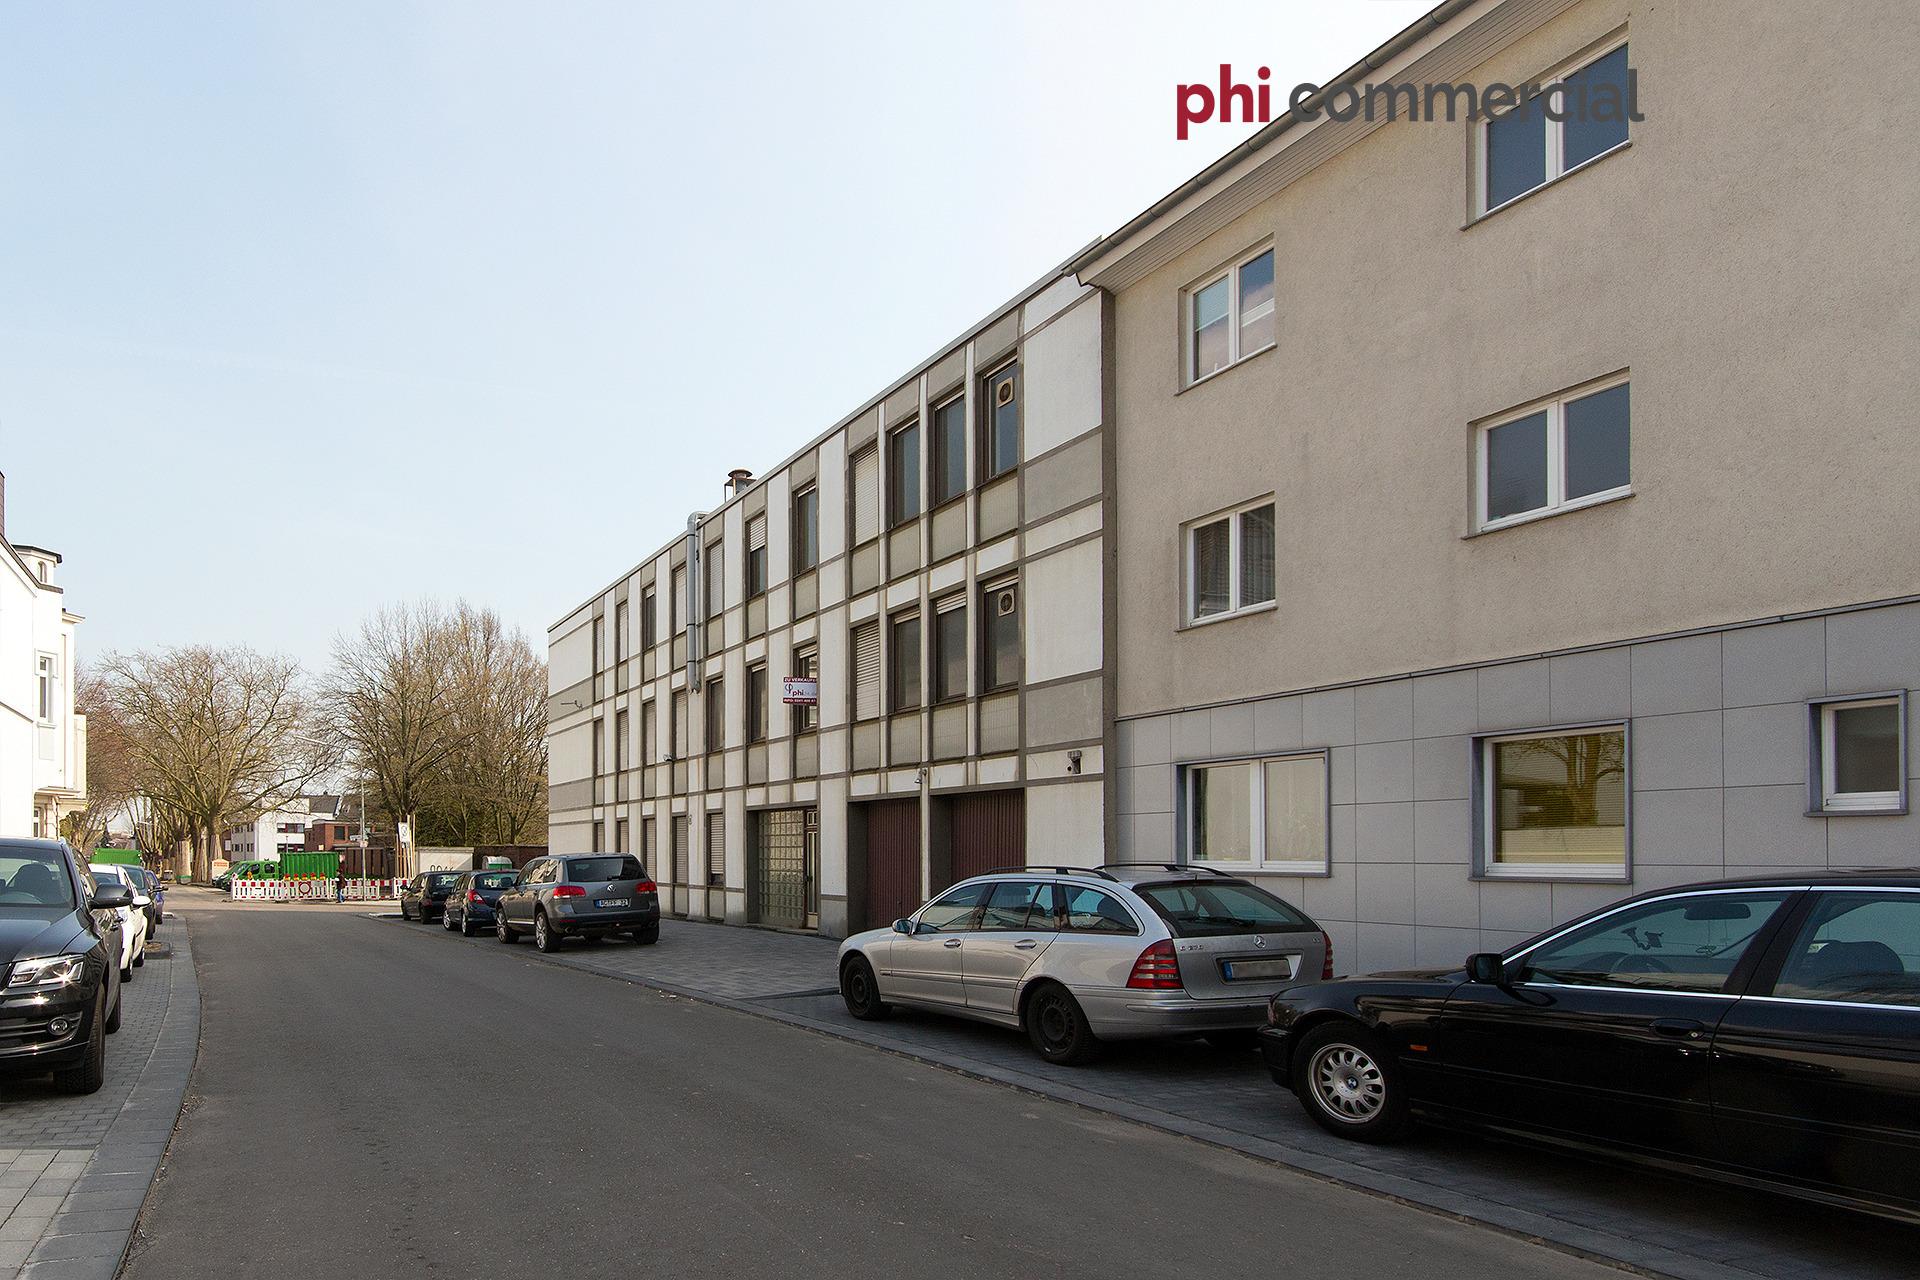 Immobilienmakler Eschweiler Wohn- und Geschäftshaus referenzen mit Immobilienbewertung